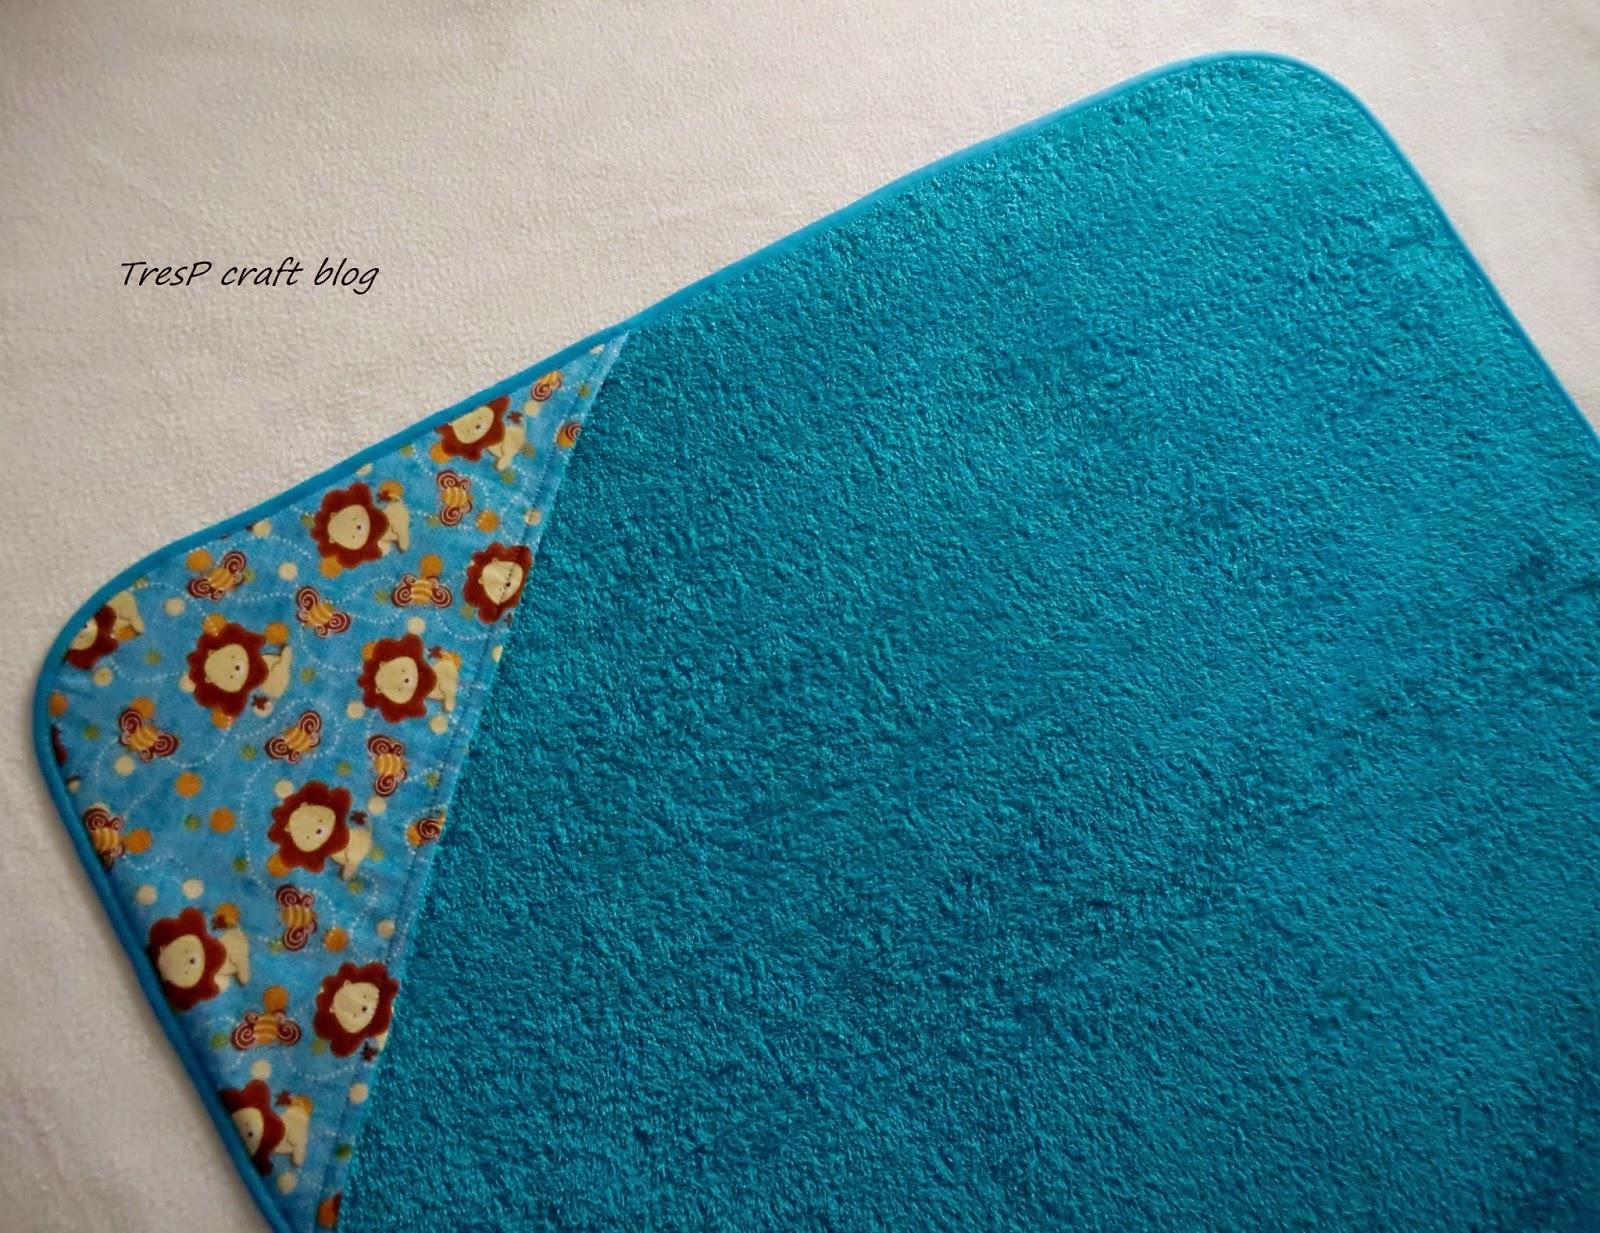 Tresp craft blog patr n y tutorial de toalla con capucha - Como hacer un cambiador para bebes ...